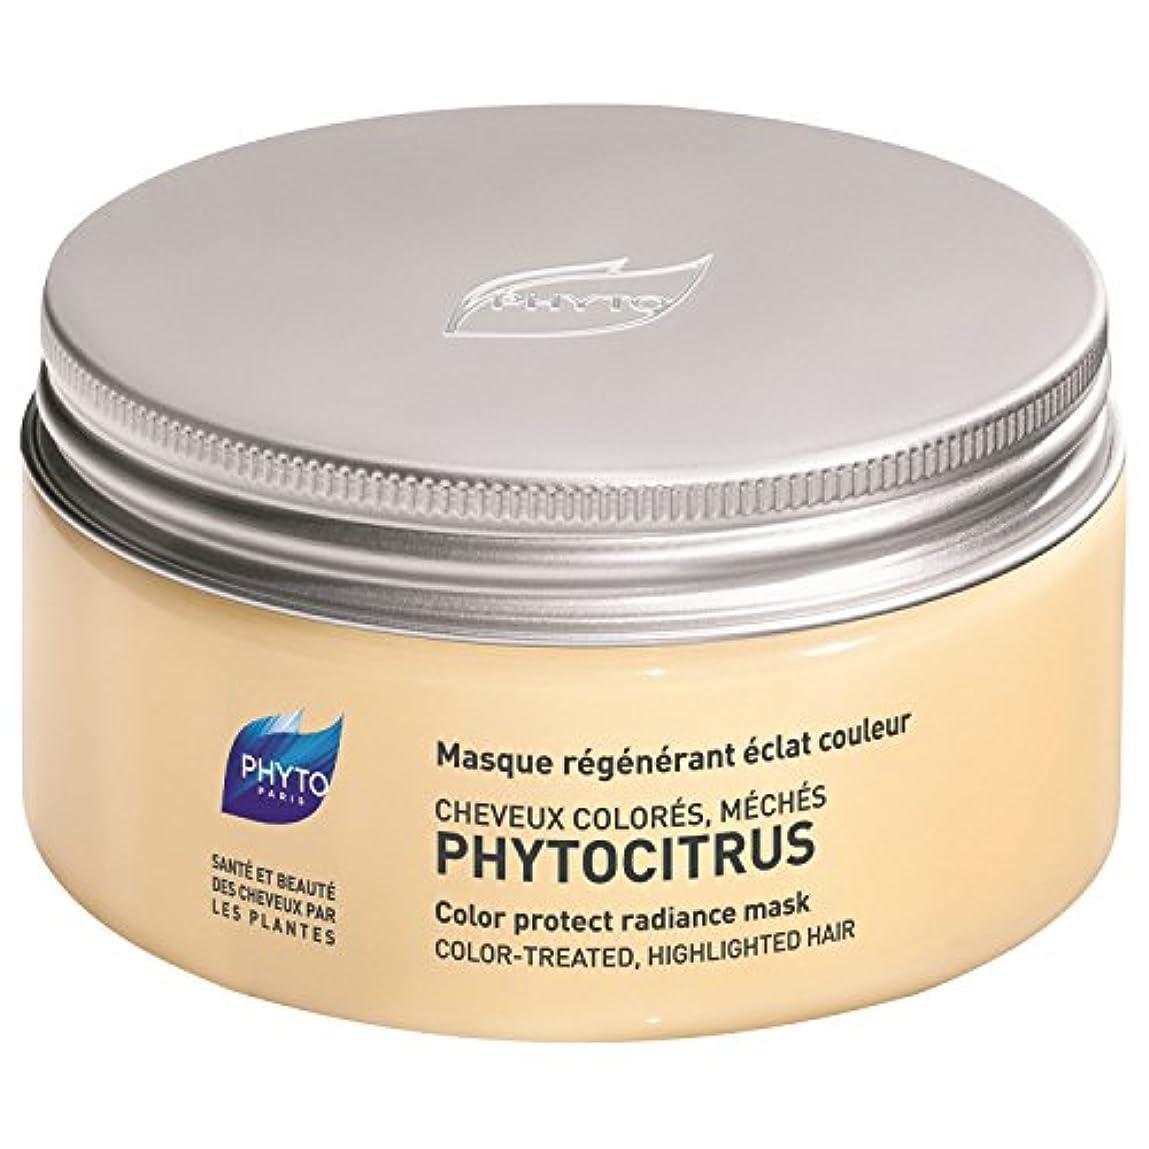 ファンネルウェブスパイダー数字保持するフィトPhytocitrus色保護放射輝度マスク200ミリリットル (Phyto) (x2) - Phyto Phytocitrus Colour Protect Radiance Mask 200ml (Pack of...